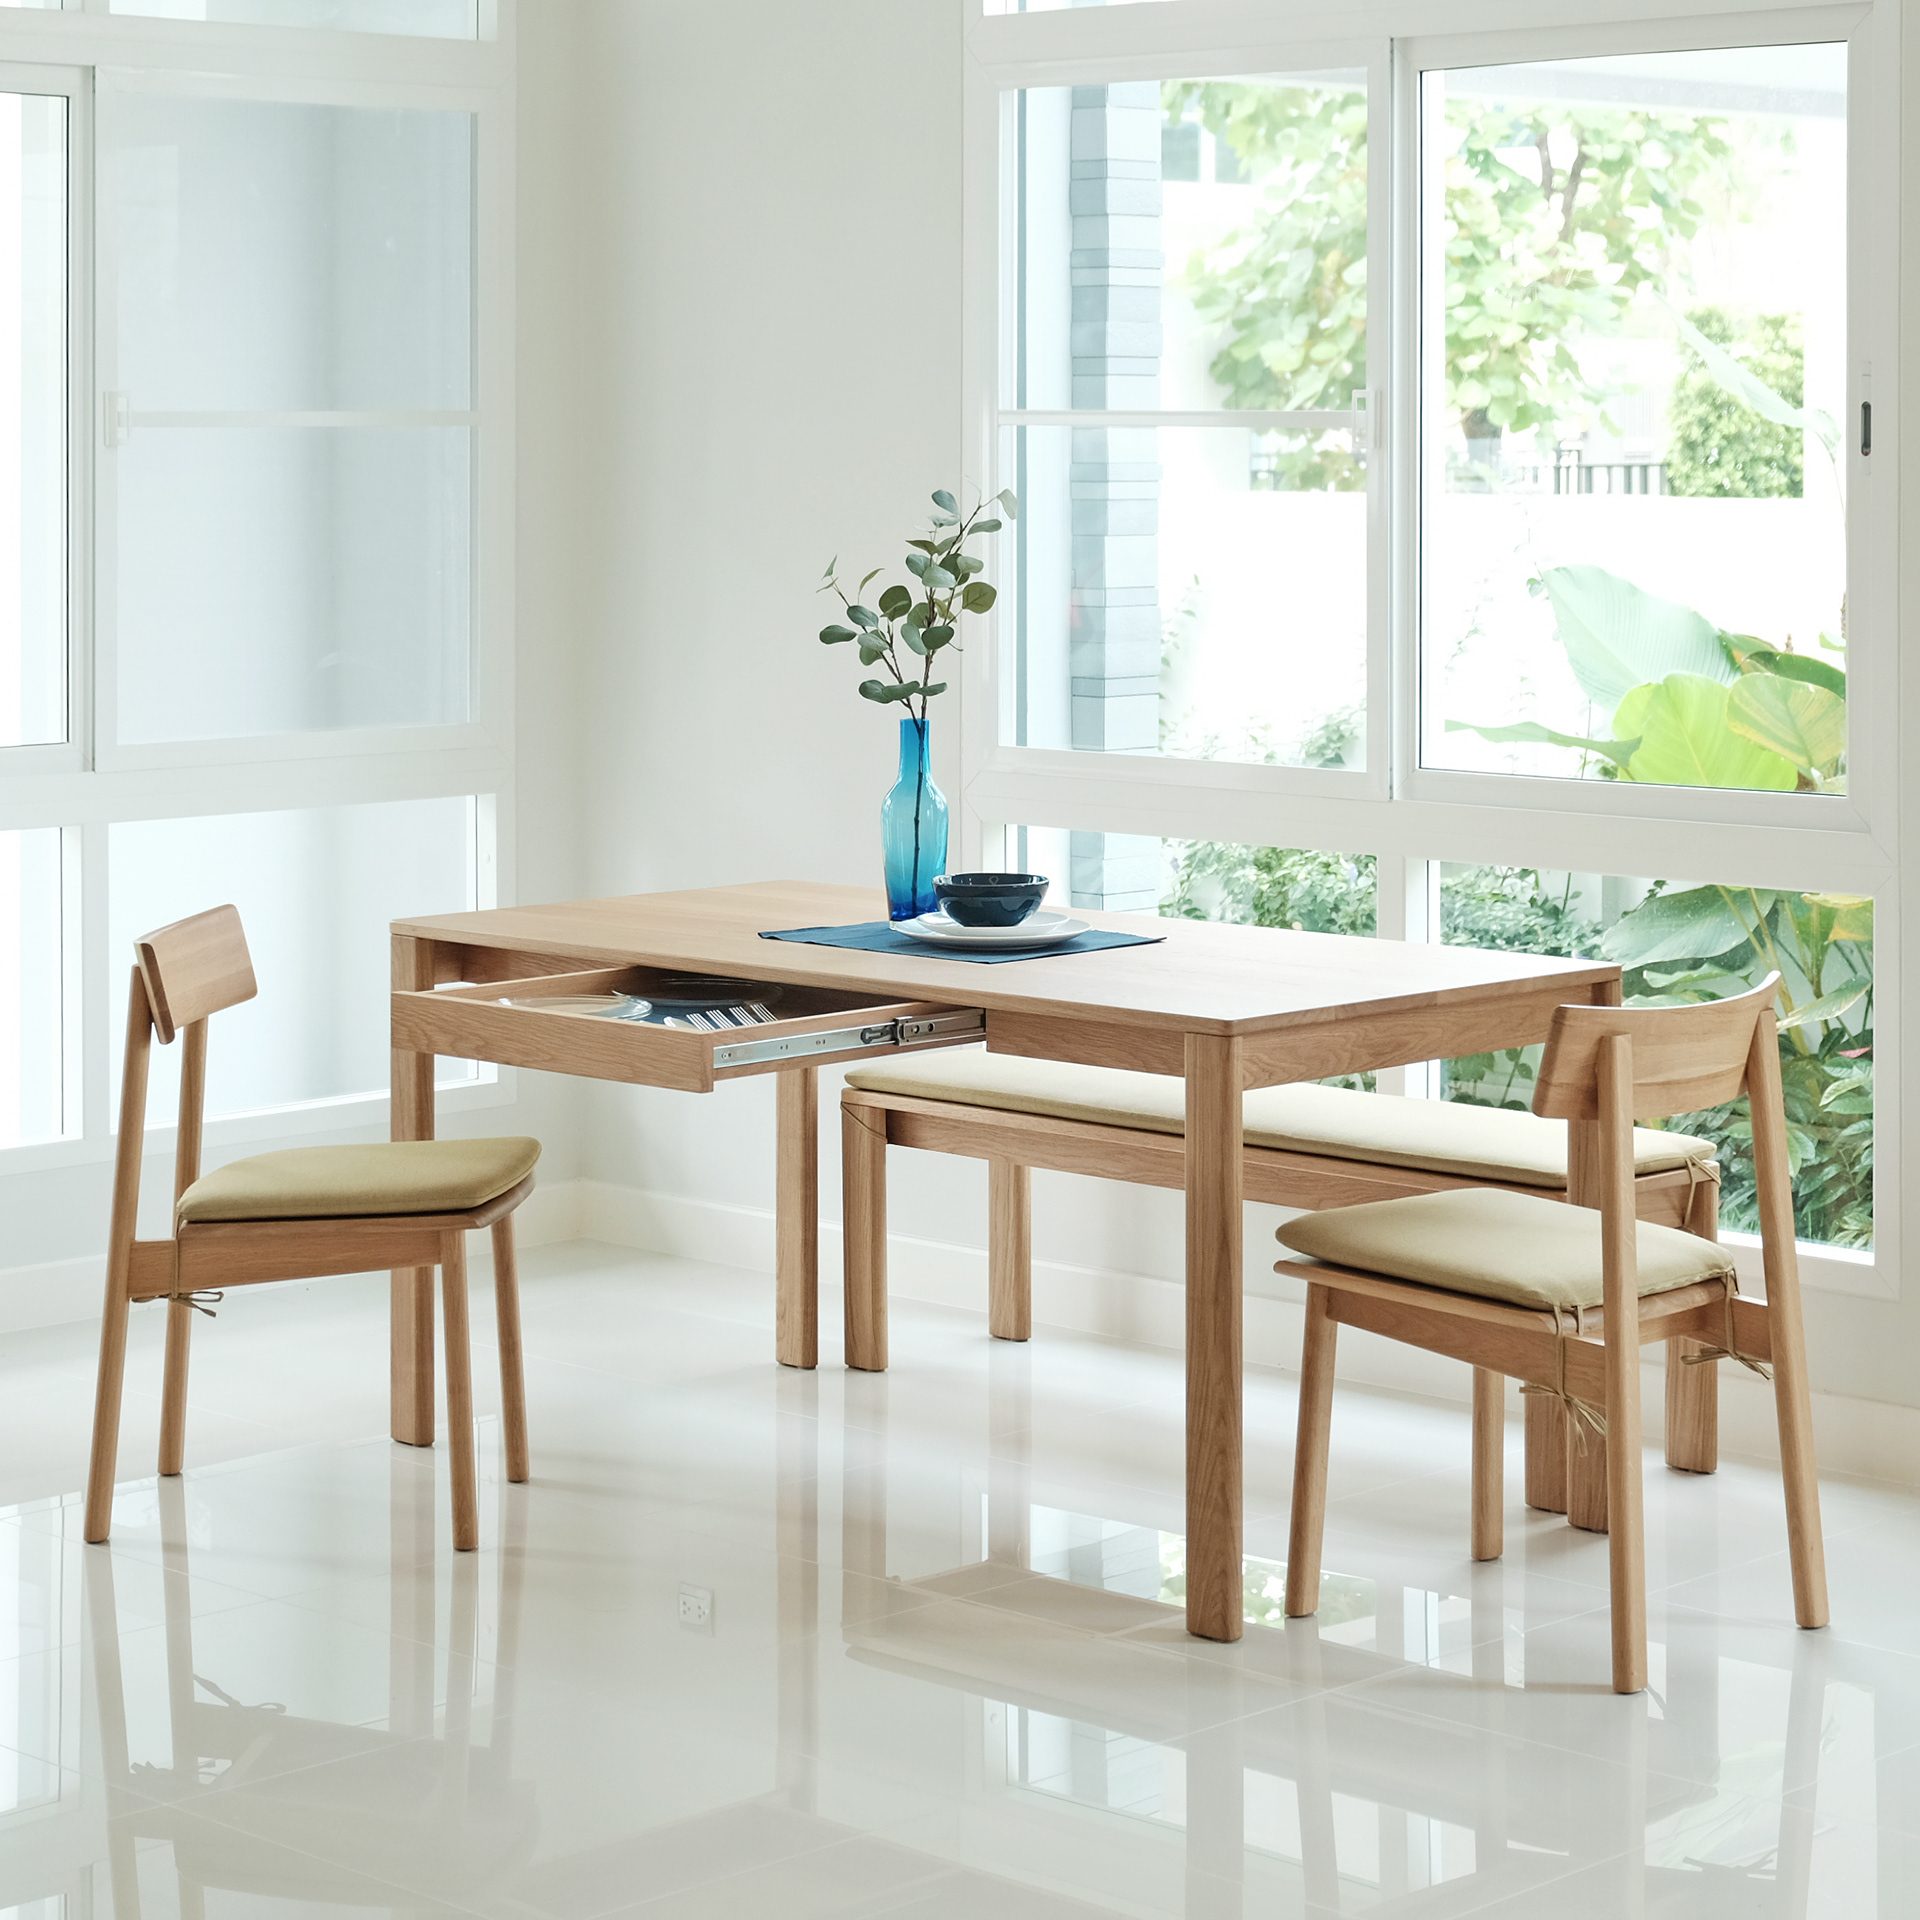 KILTT DESIGN - Edge Chair